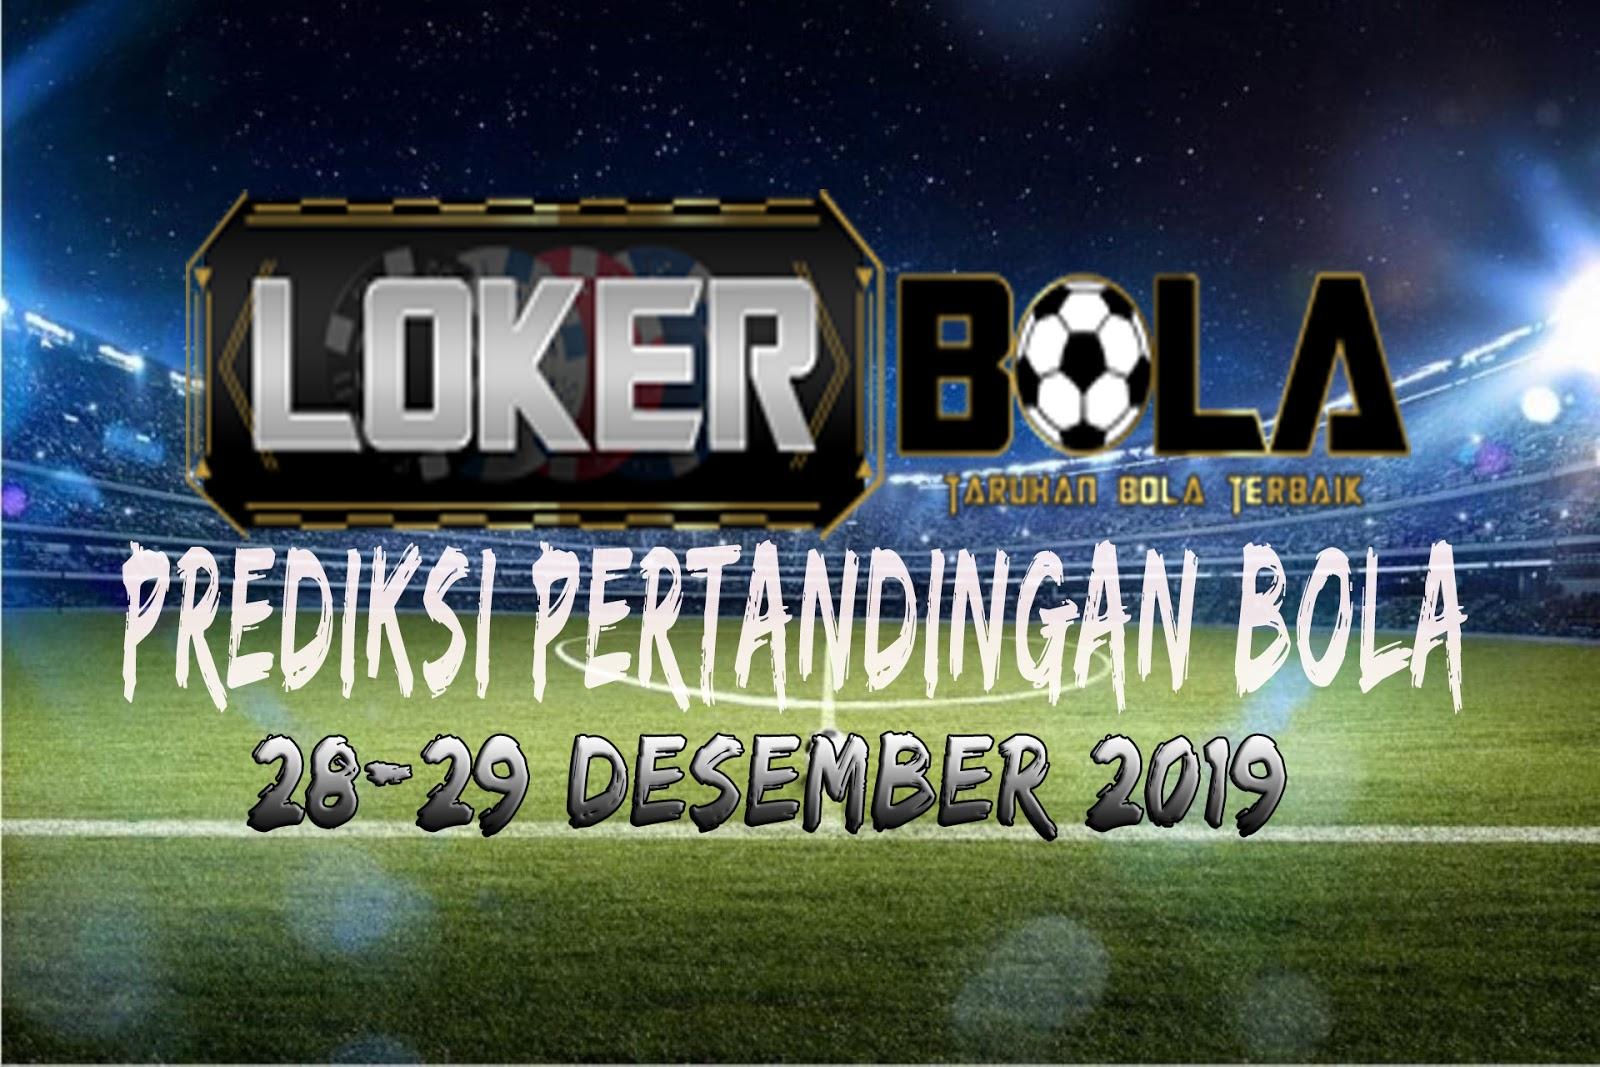 PREDIKSI PERTANDINGAN BOLA 28 – 29 DESEMBER 2019